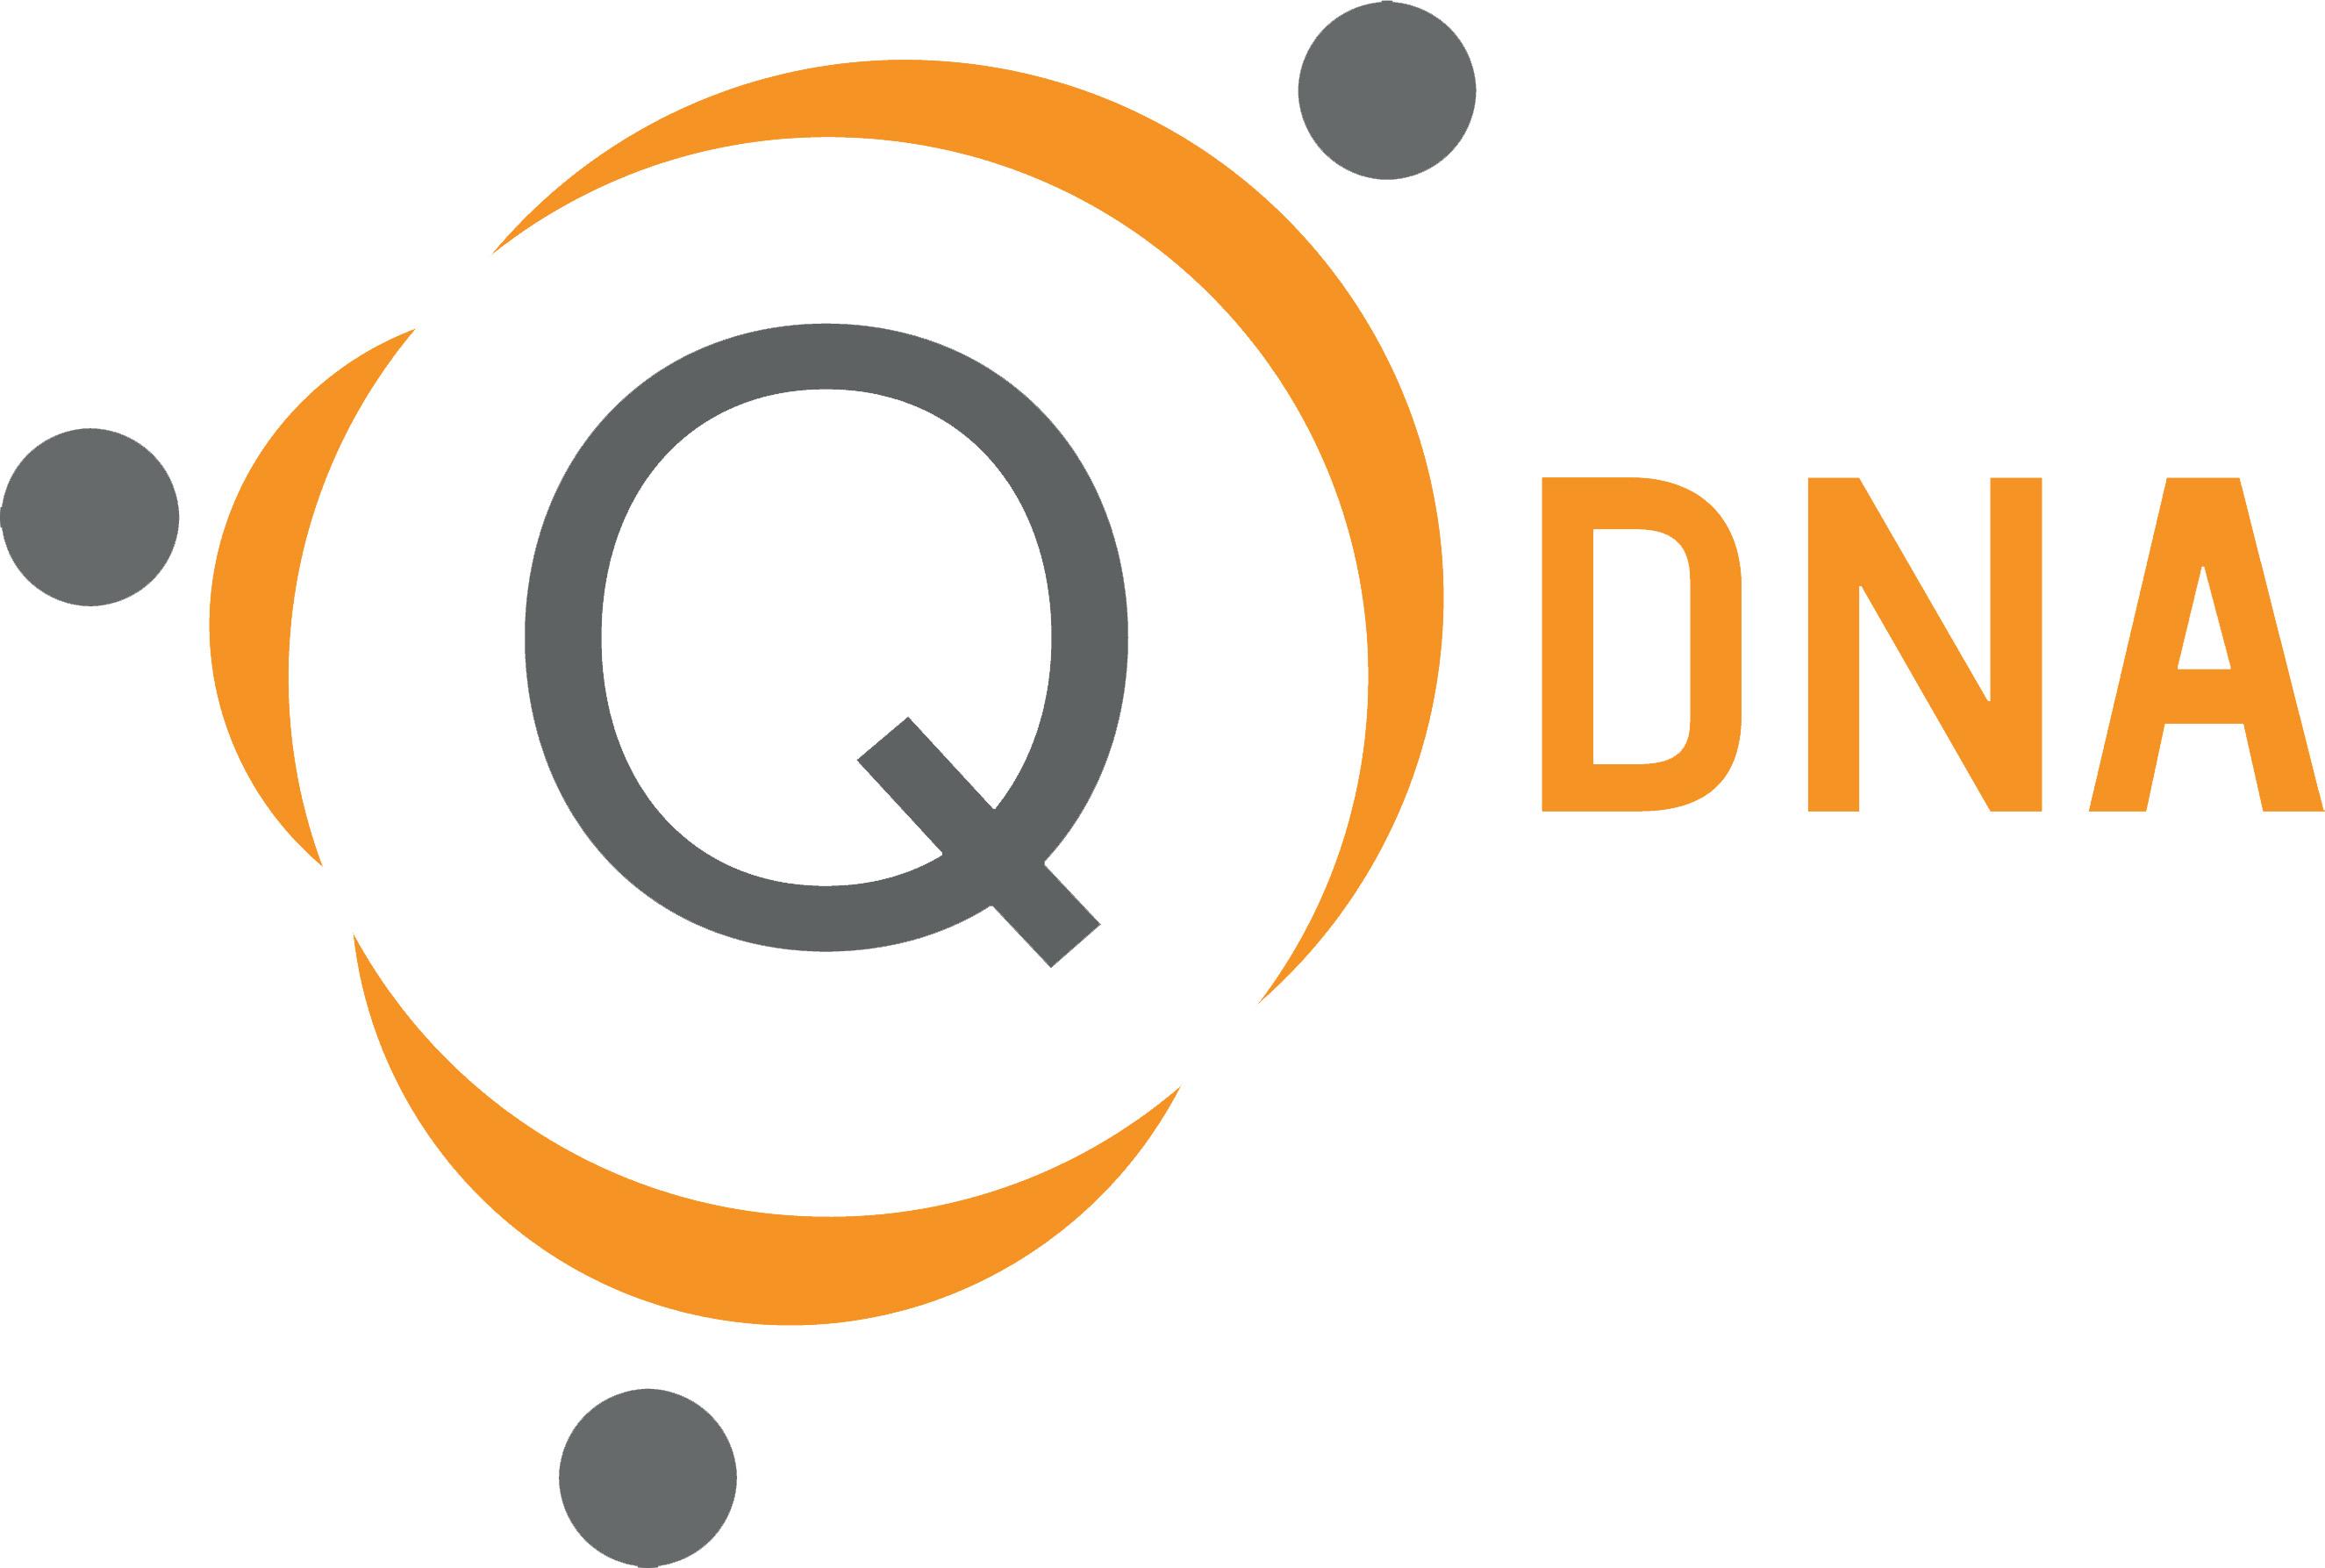 logo QDNA